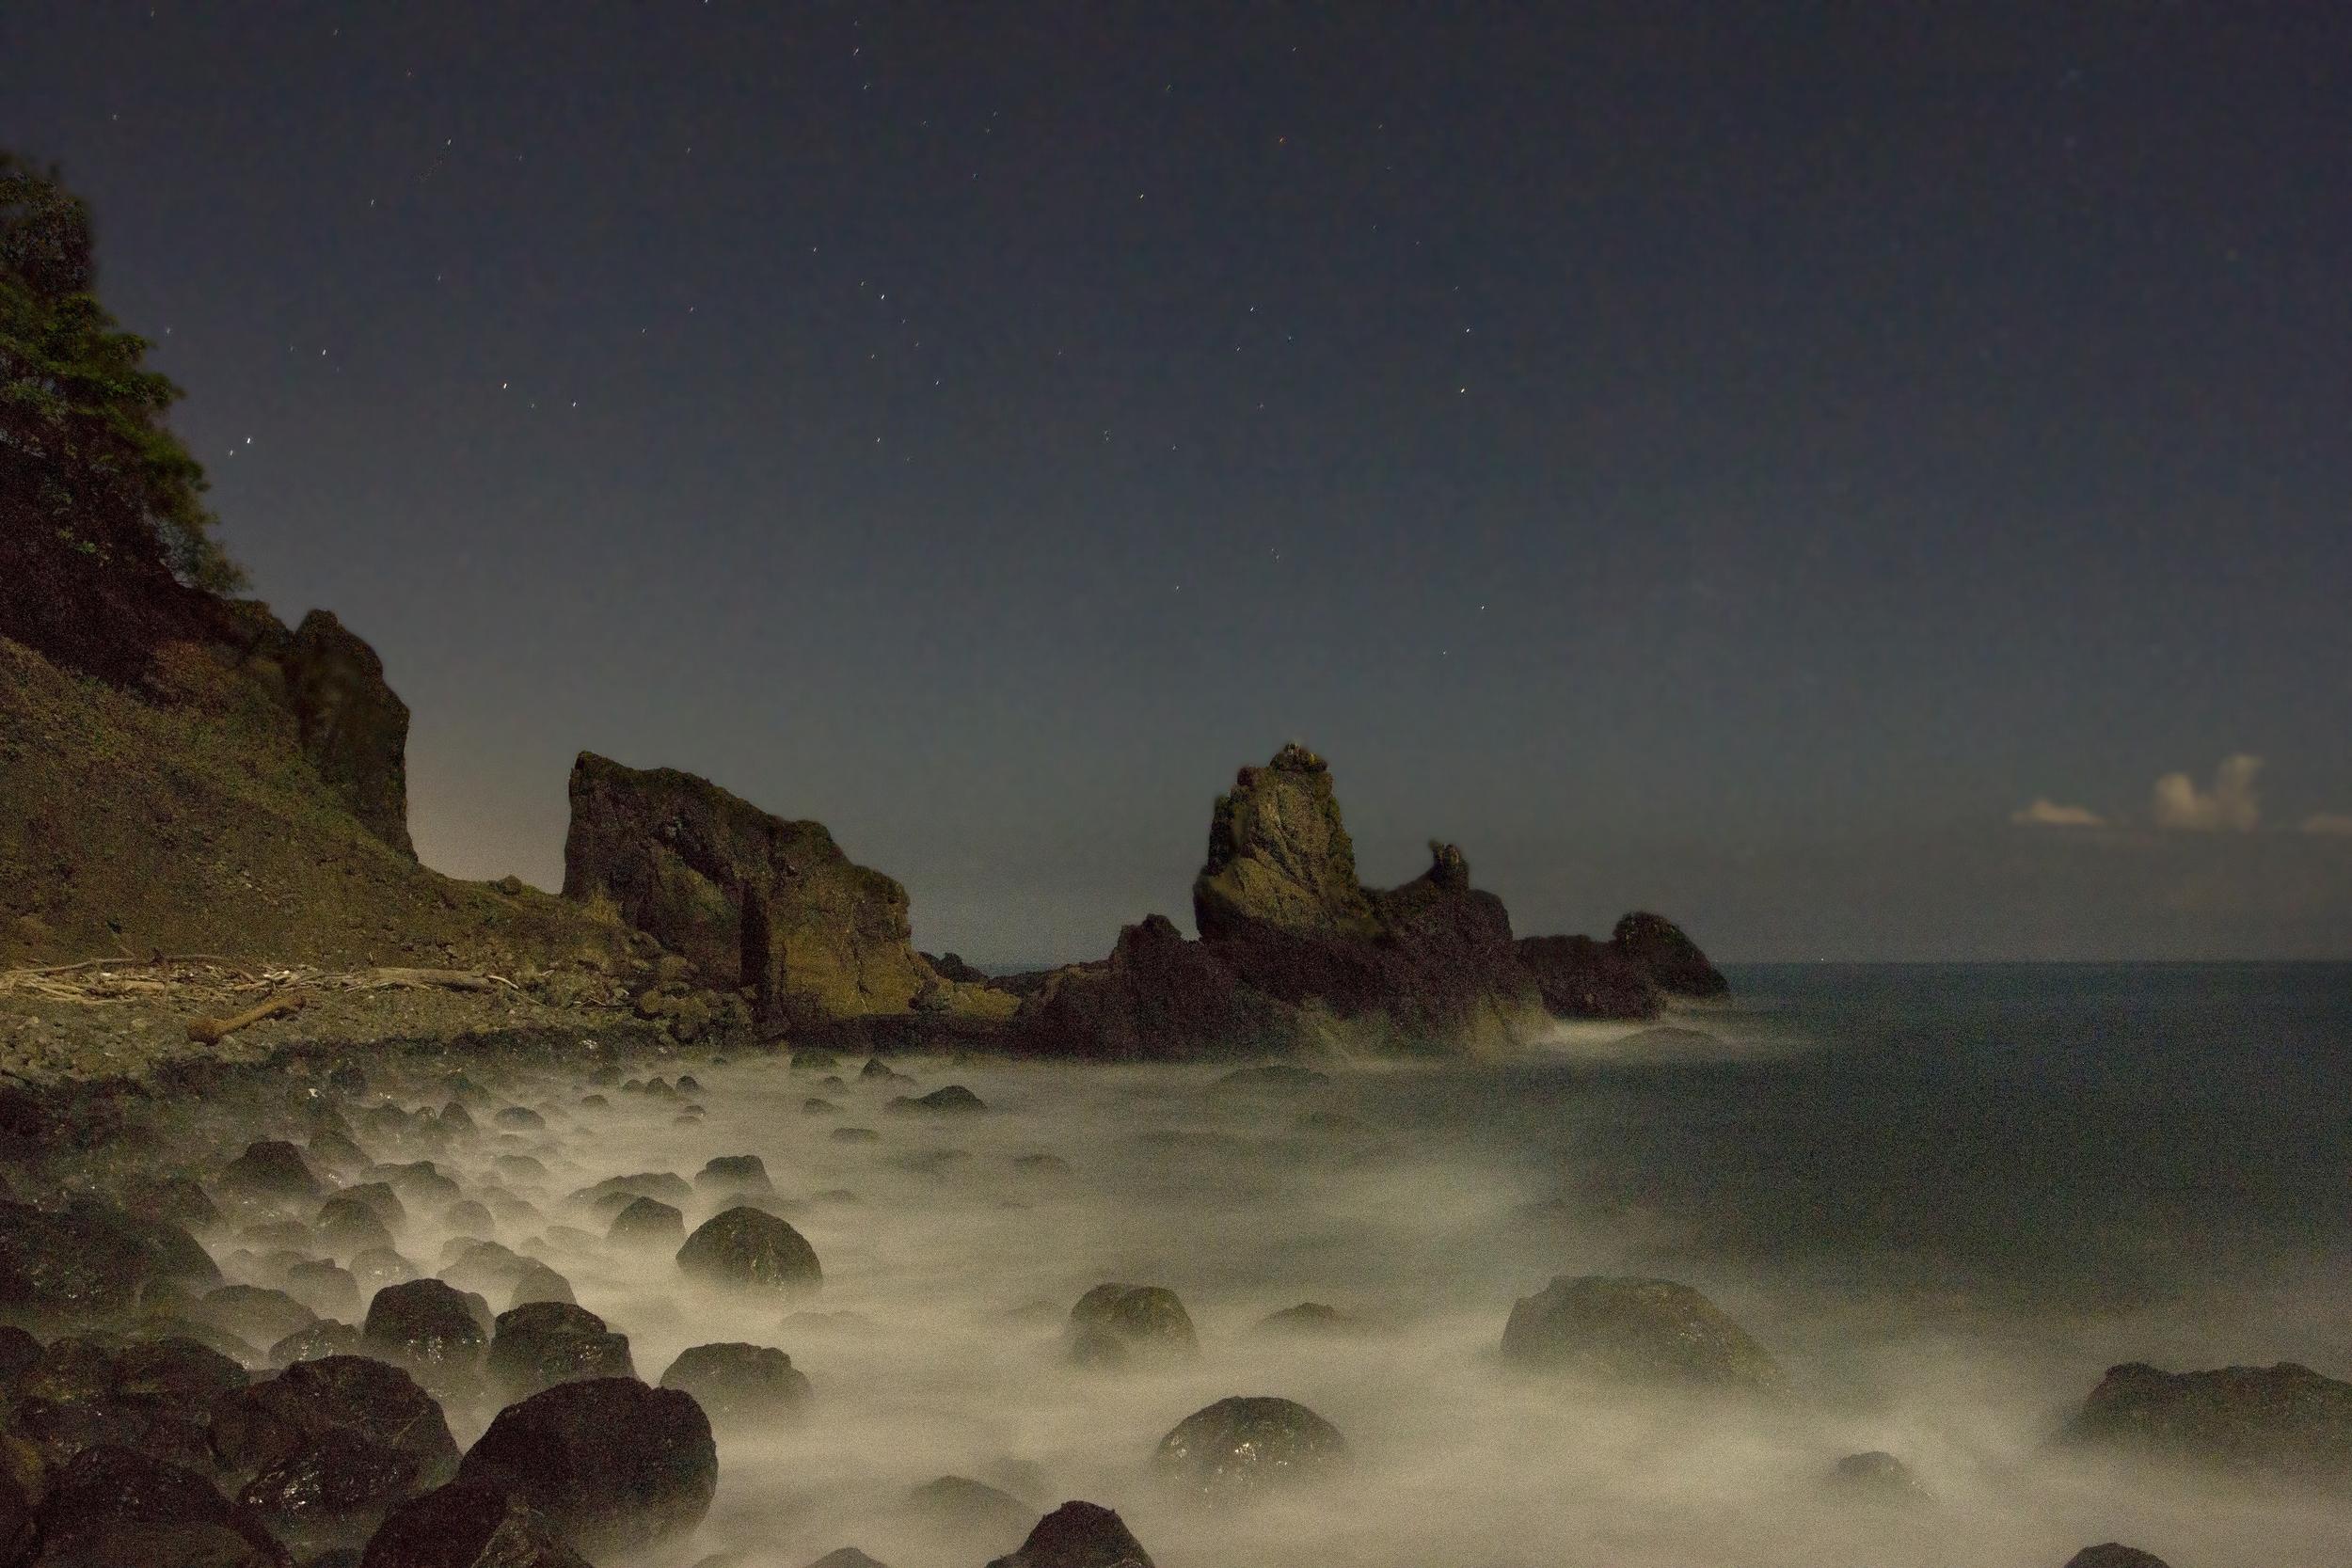 La Herradura at full moon